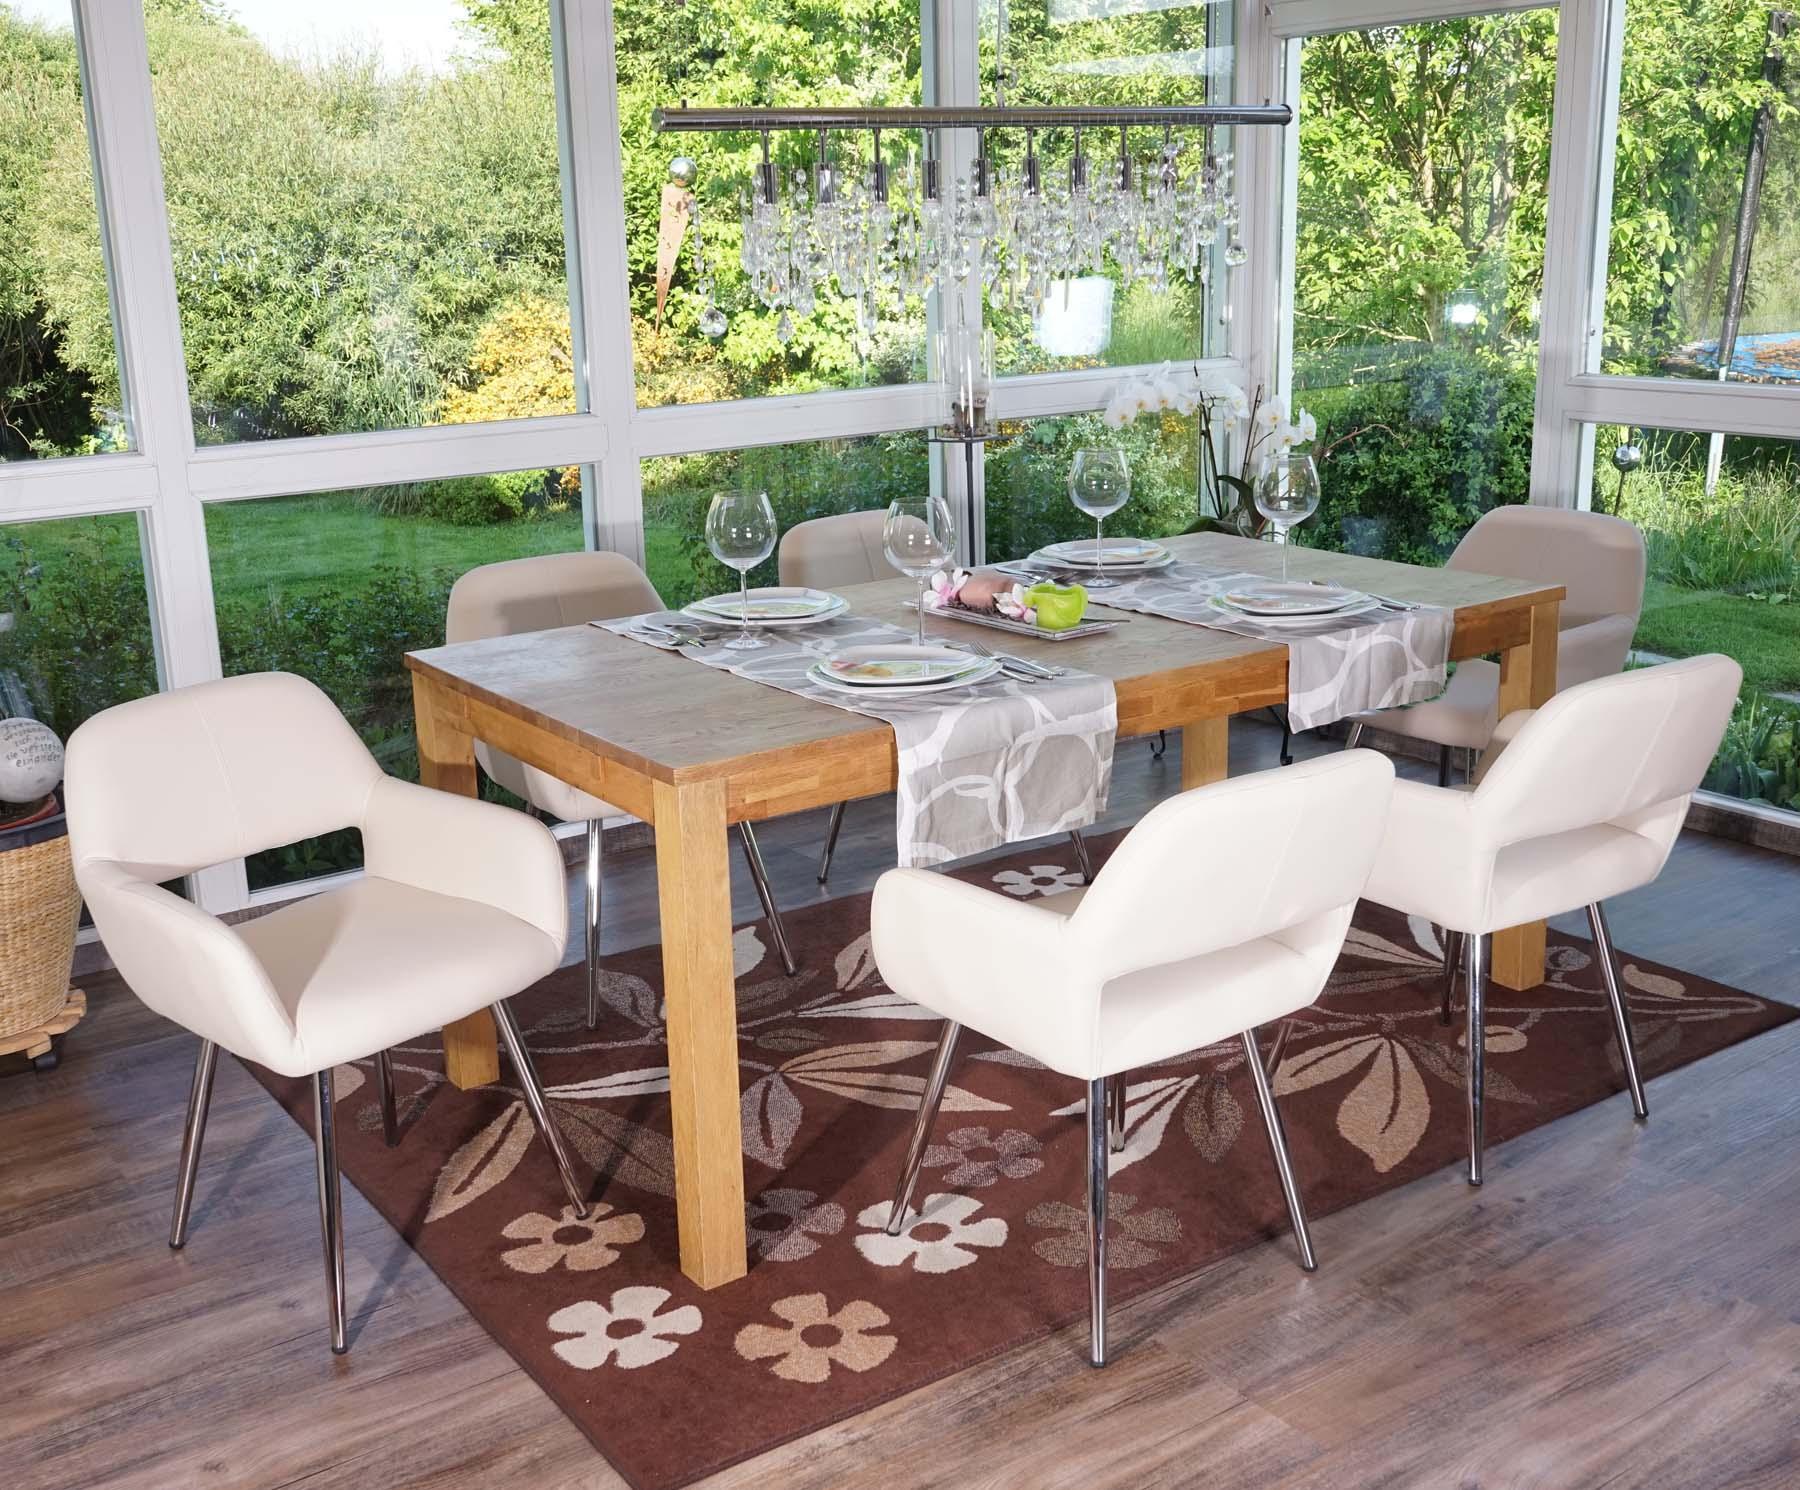 Lote 6 sillas de comedor o cocina calisa gran dise o con patas met licas cromadas en piel - 6 sillas comedor ...